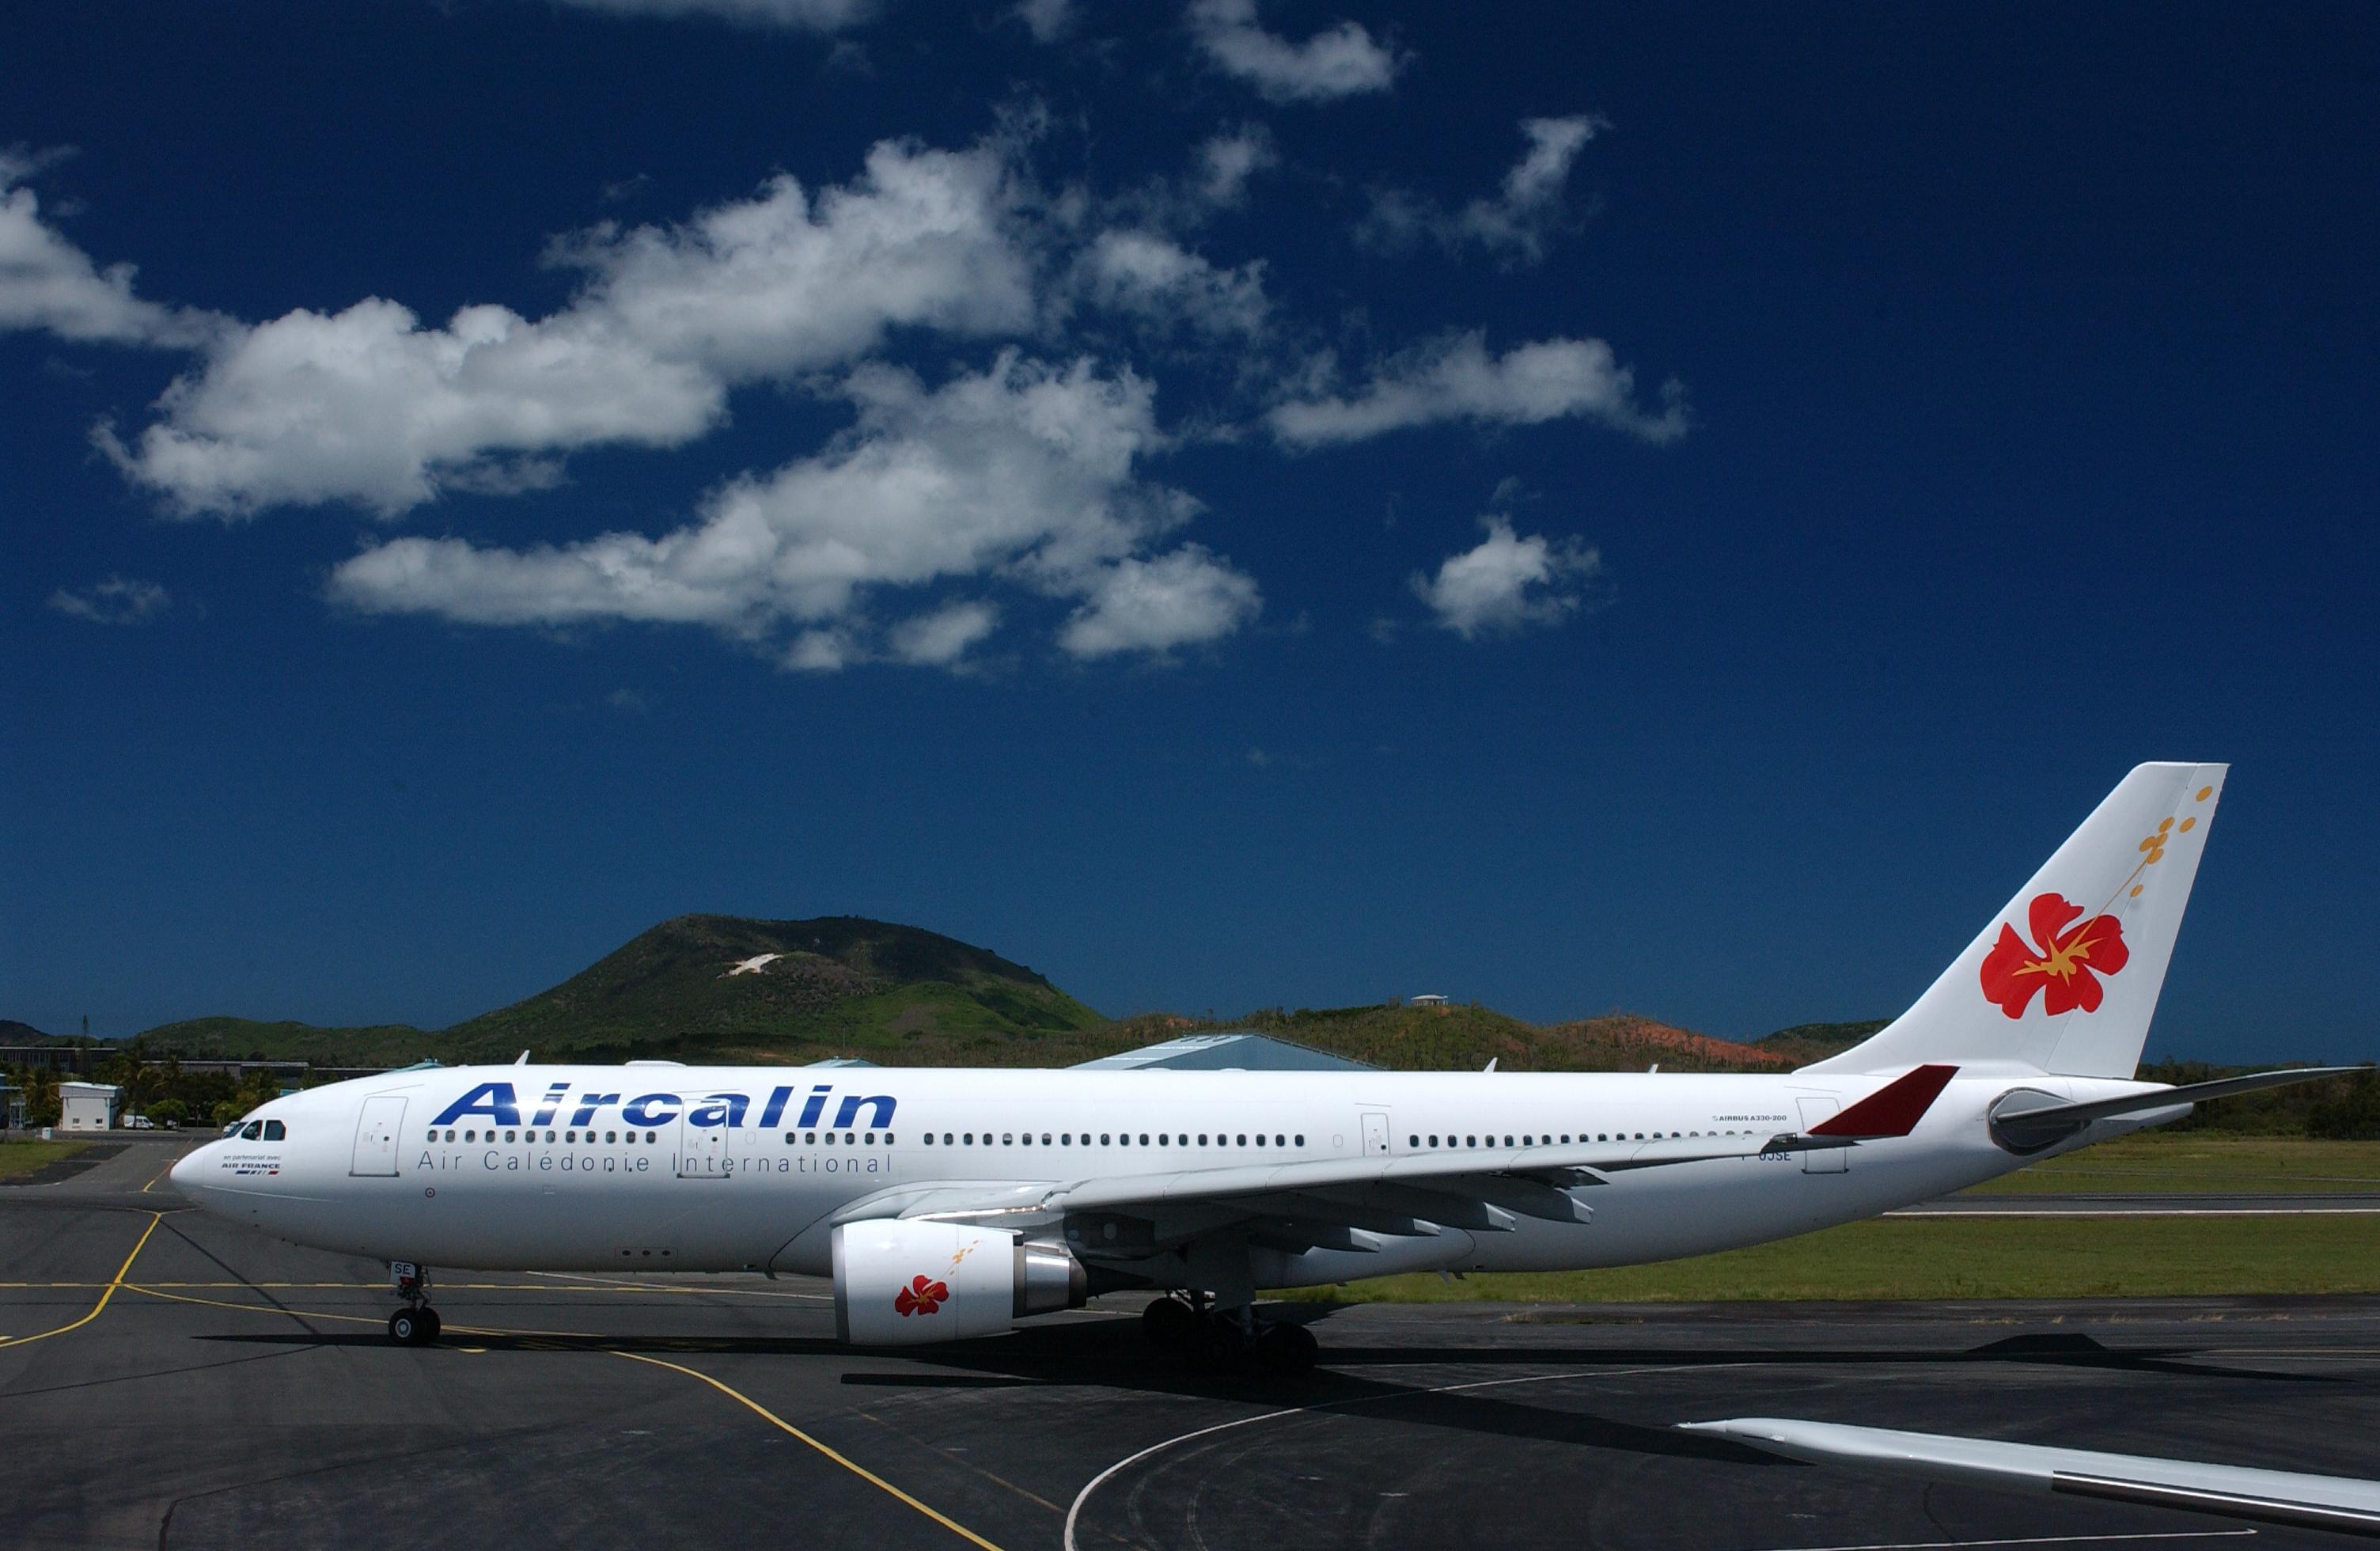 La compagnie Aircalin, qui assure les rotations internationales et domestiques de Wallis et Futuna, pourra reprendre ses vols en direction de l'archipel ©Air Valid